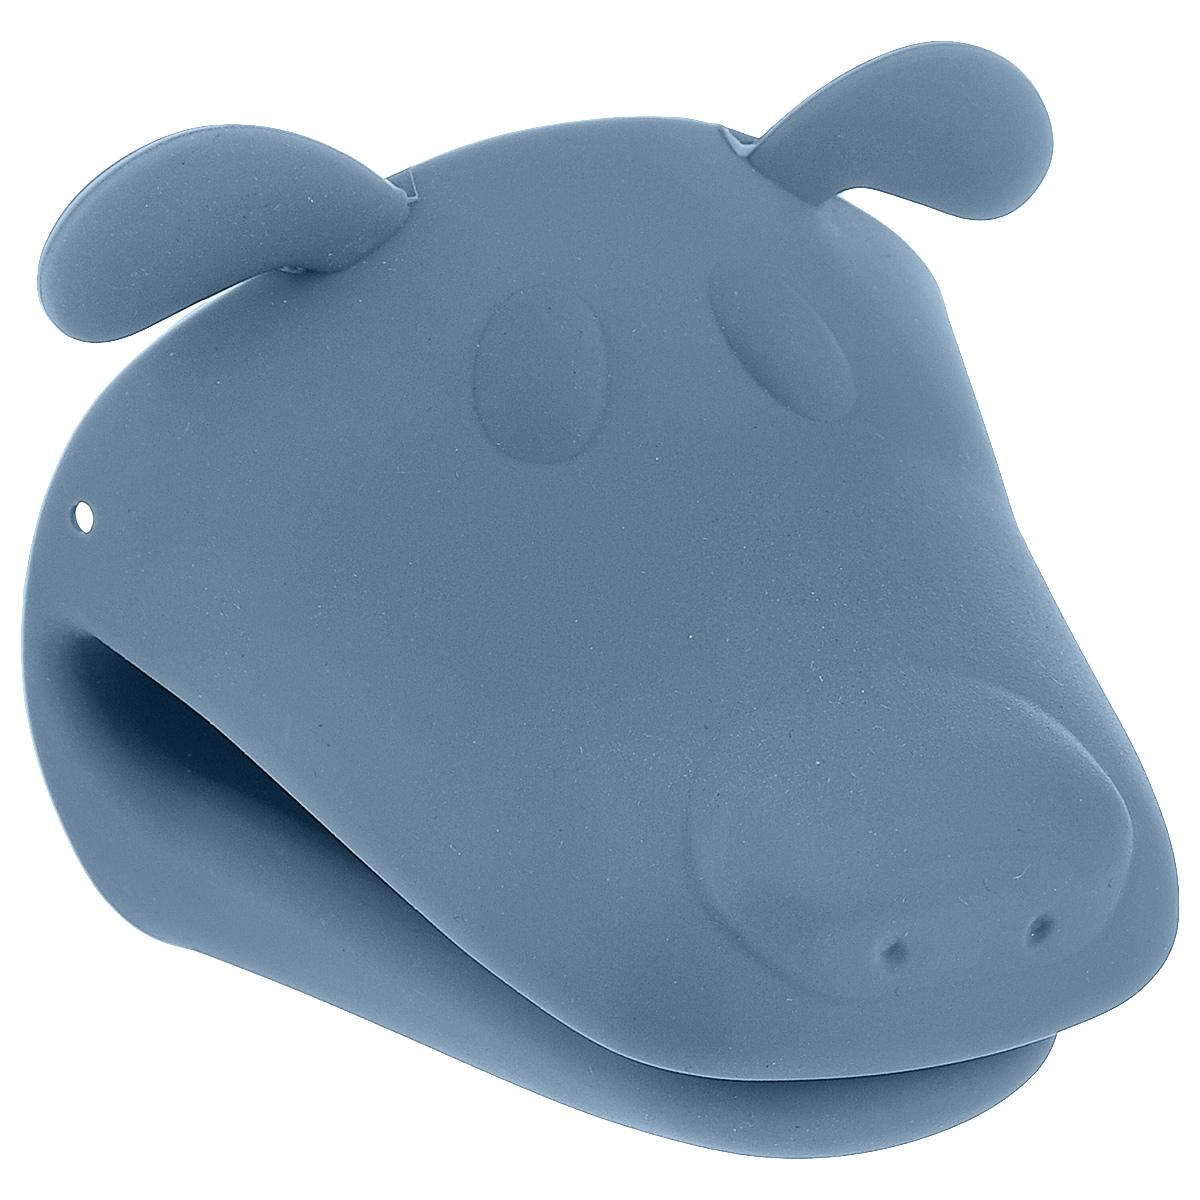 Прихватка Marmiton Собака, силиконовая, цвет: серо-голубой16076_серо-голубойСиликоновая прихватка Marmiton Собака позволяет защитить пальцы от нежелательного воздействия высоких температур. Ребристая поверхность предотвращает скольжение. С помощью такой рукавицы ваши руки будут защищены от ожогов, когда вы будете ставить в печь или доставать из нее выпечку.В комплекте буклет с рецептами.